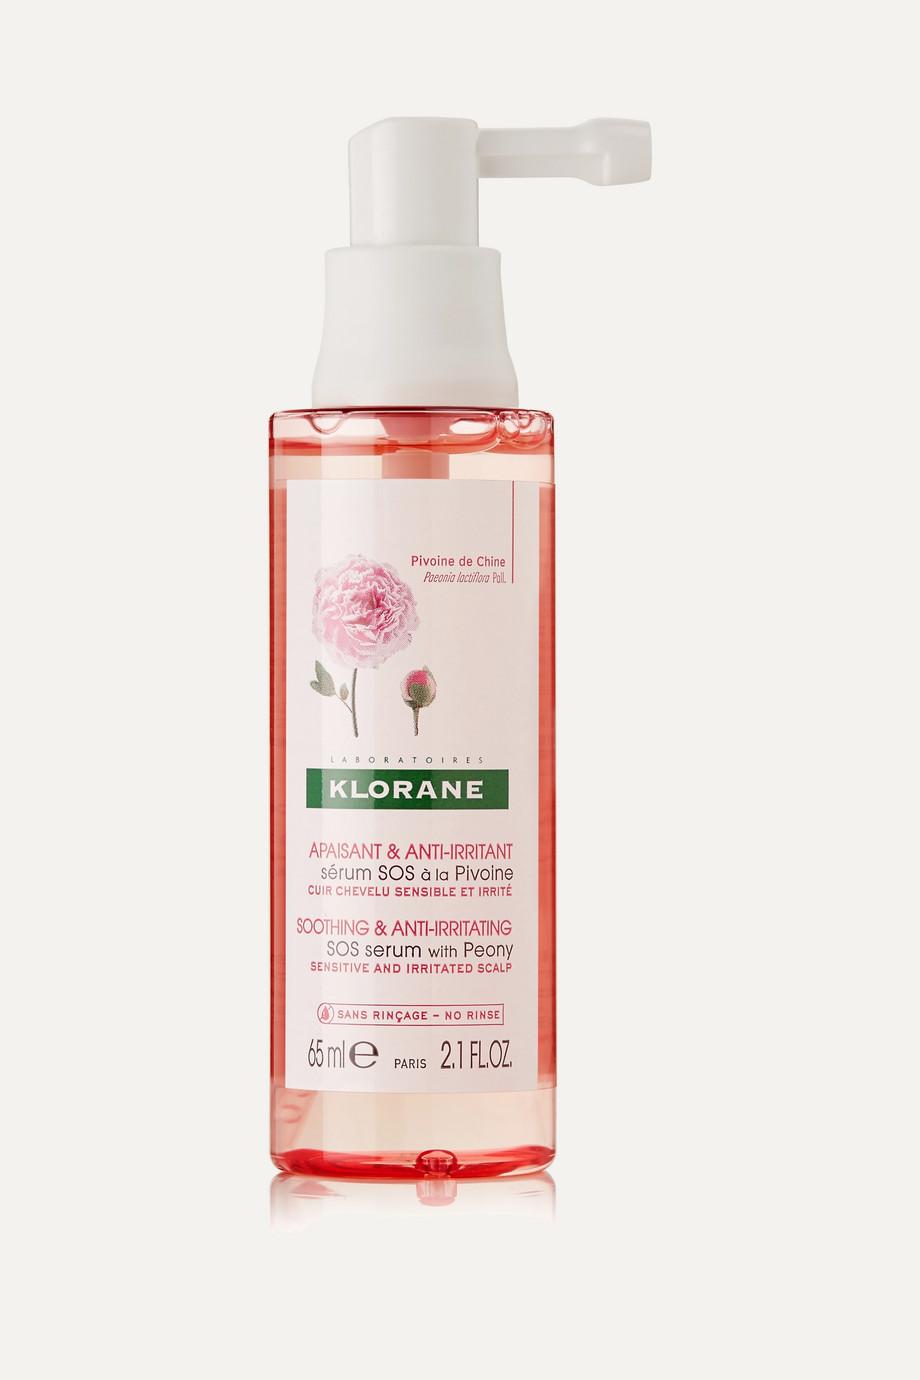 Klorane SOS Serum With Peony, 65ml